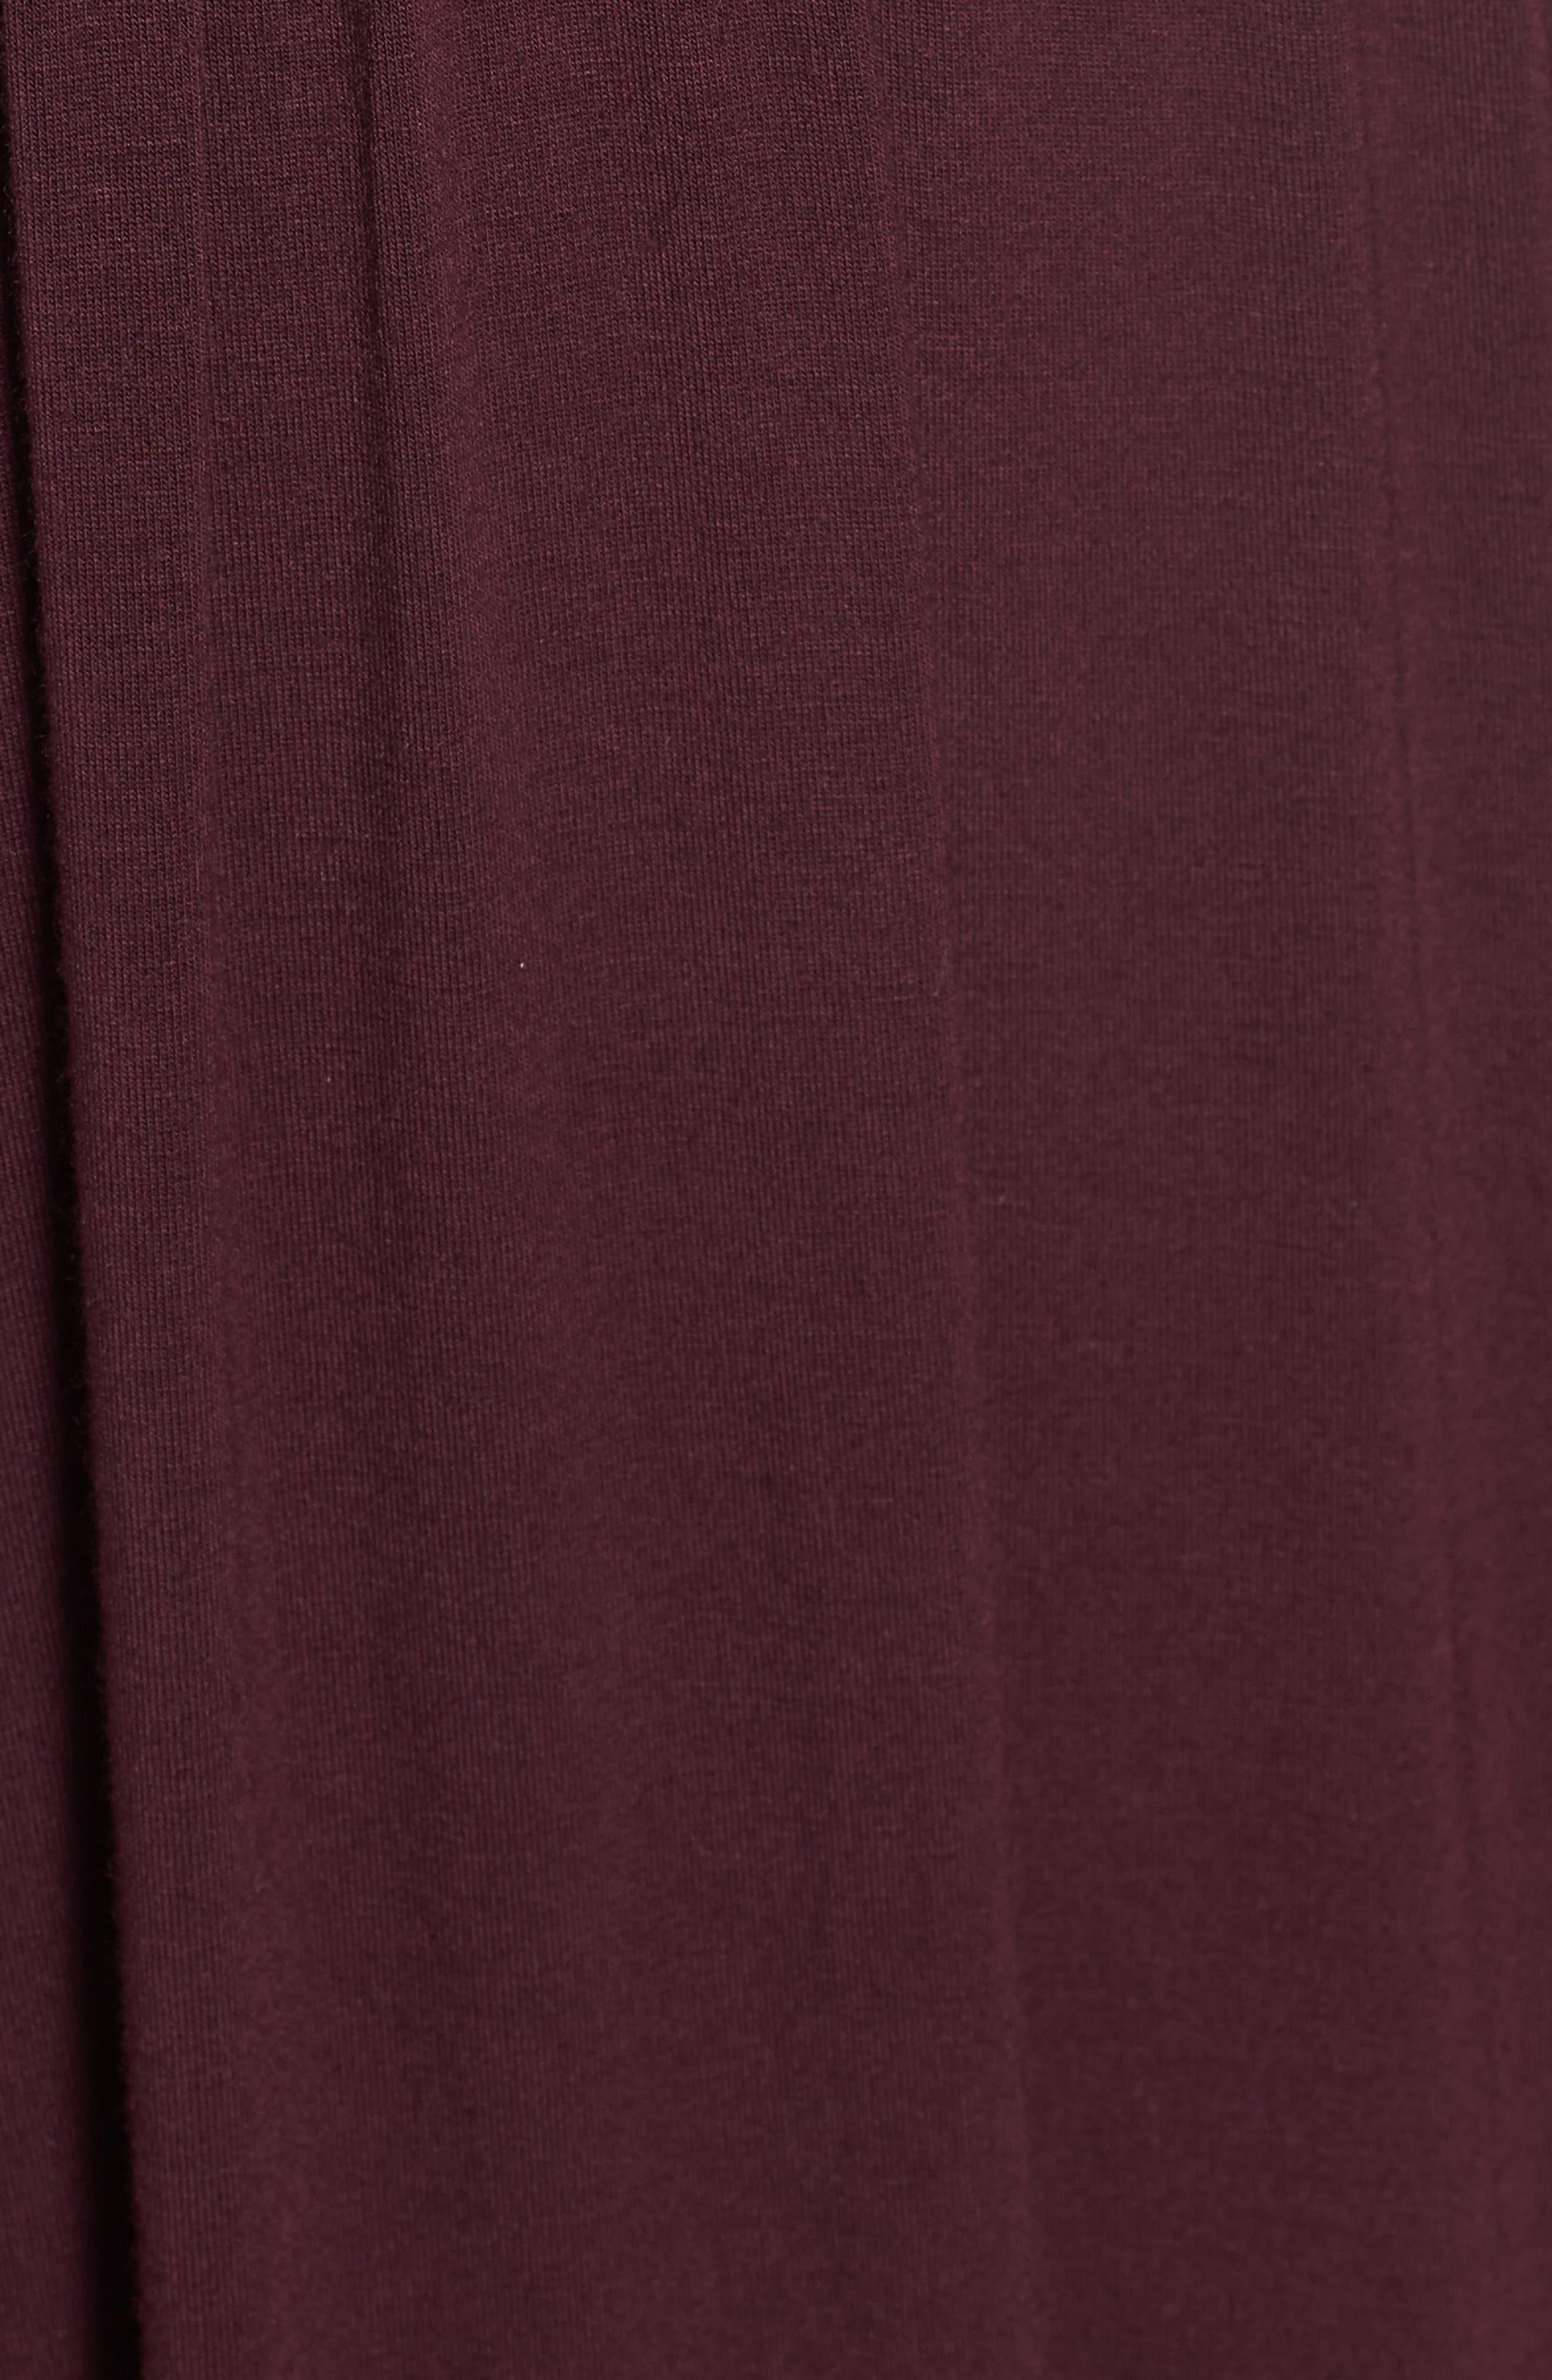 Knit Maxi Dress,                             Alternate thumbnail 32, color,